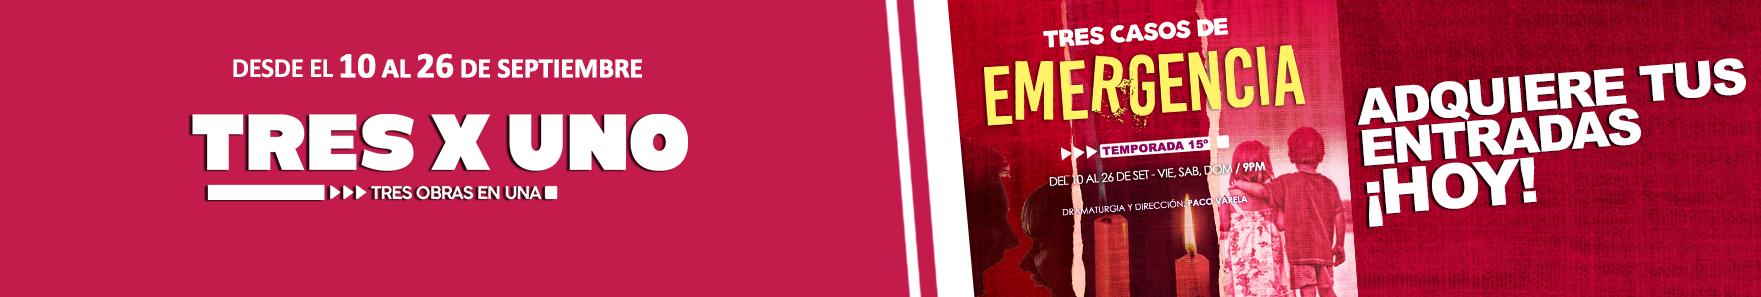 Banner Tres casos de emergencia